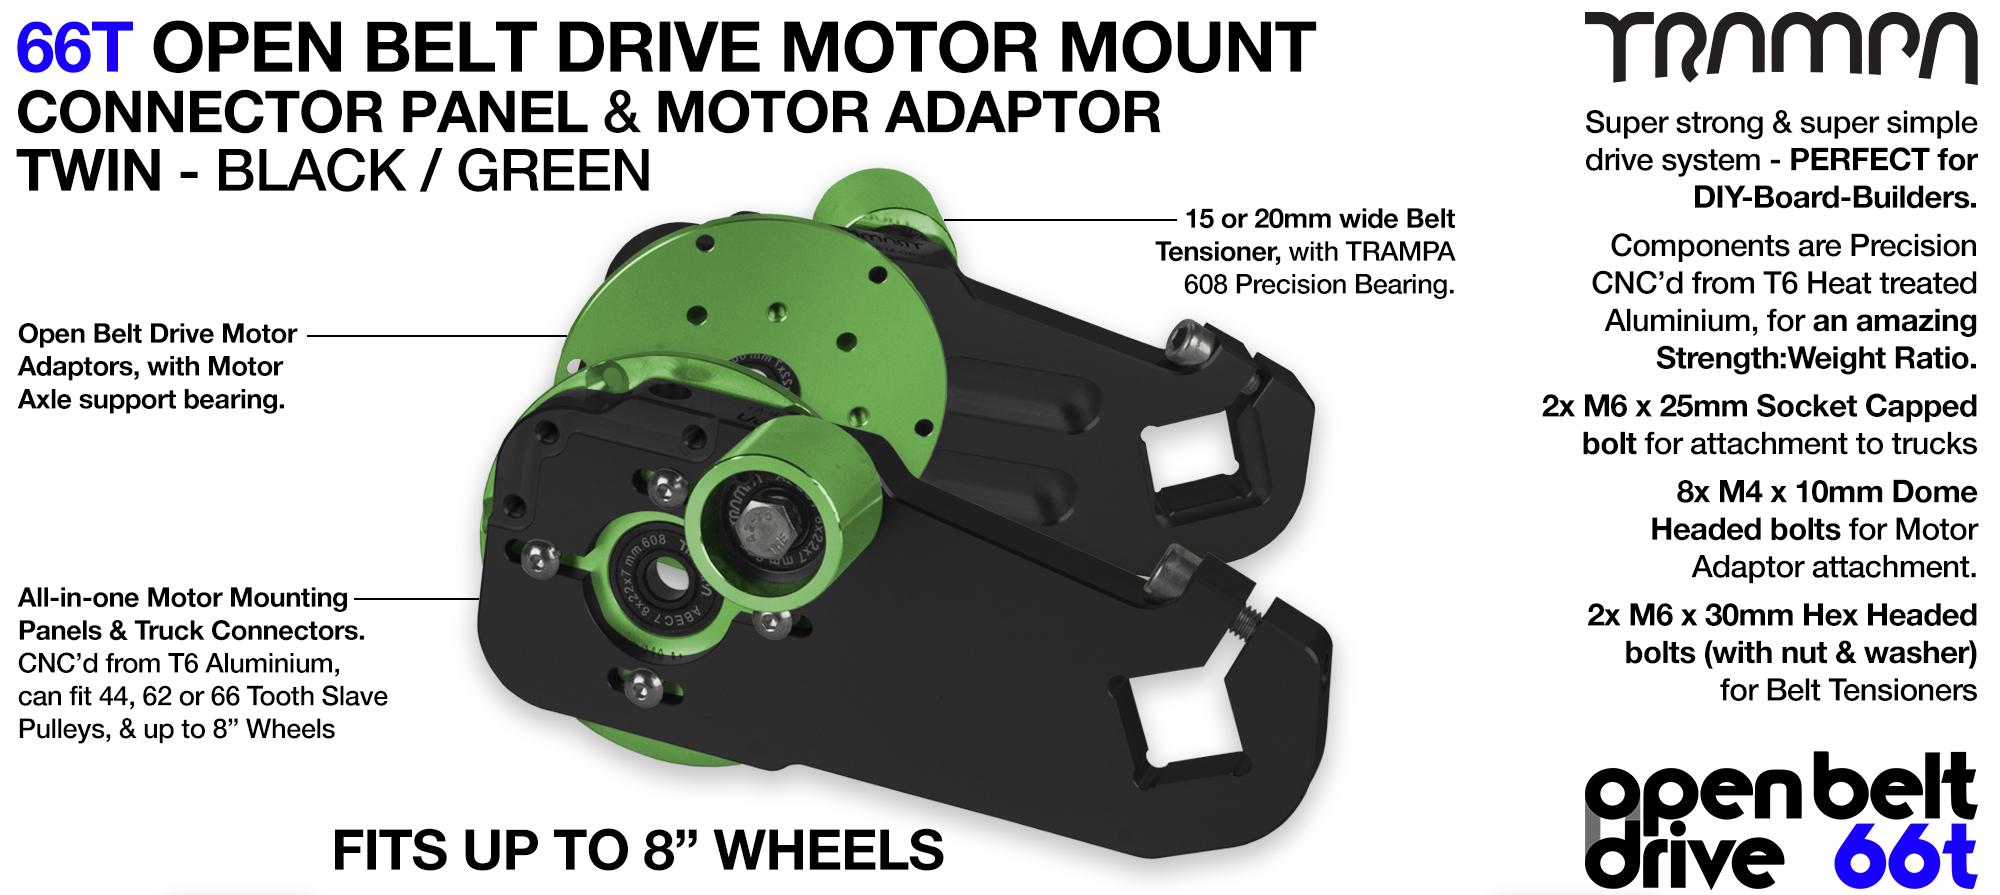 66T OPEN BELT DRIVE Motor Mount & Motor Adaptor - TWIN GREEN